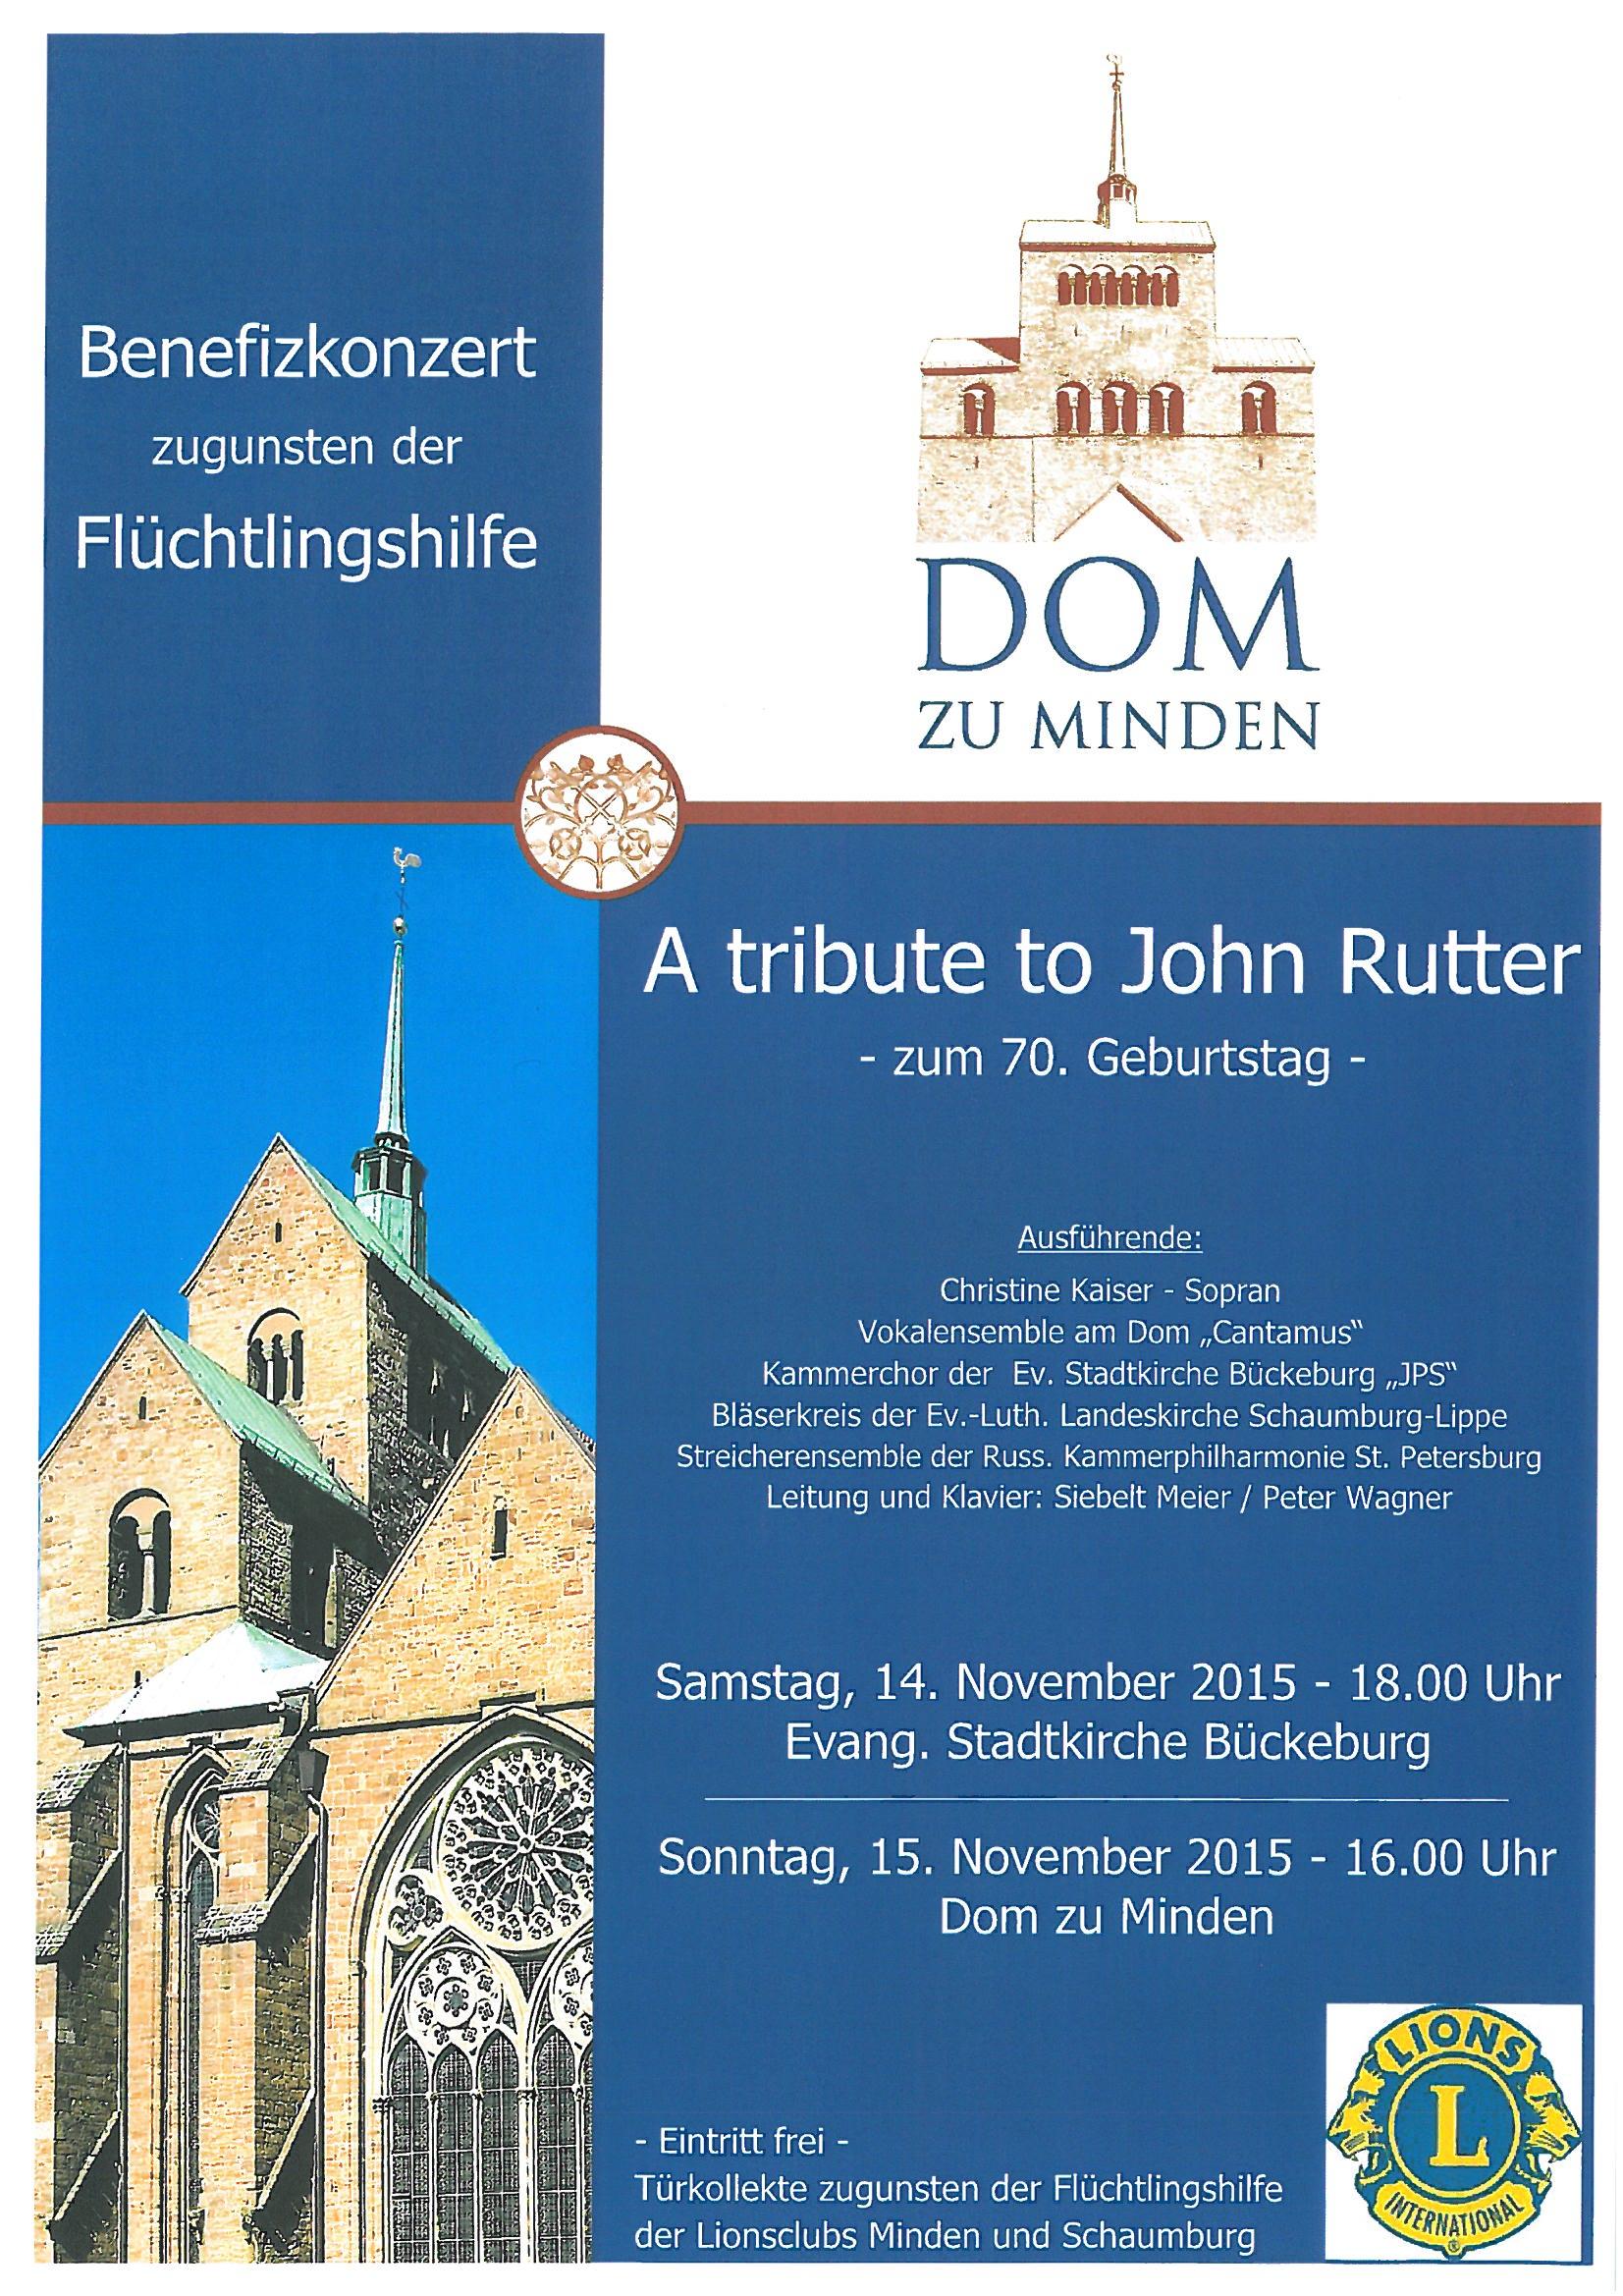 Benefizkonzert zugenden der Flüchtlingshilfe - A tribute to John Rutter